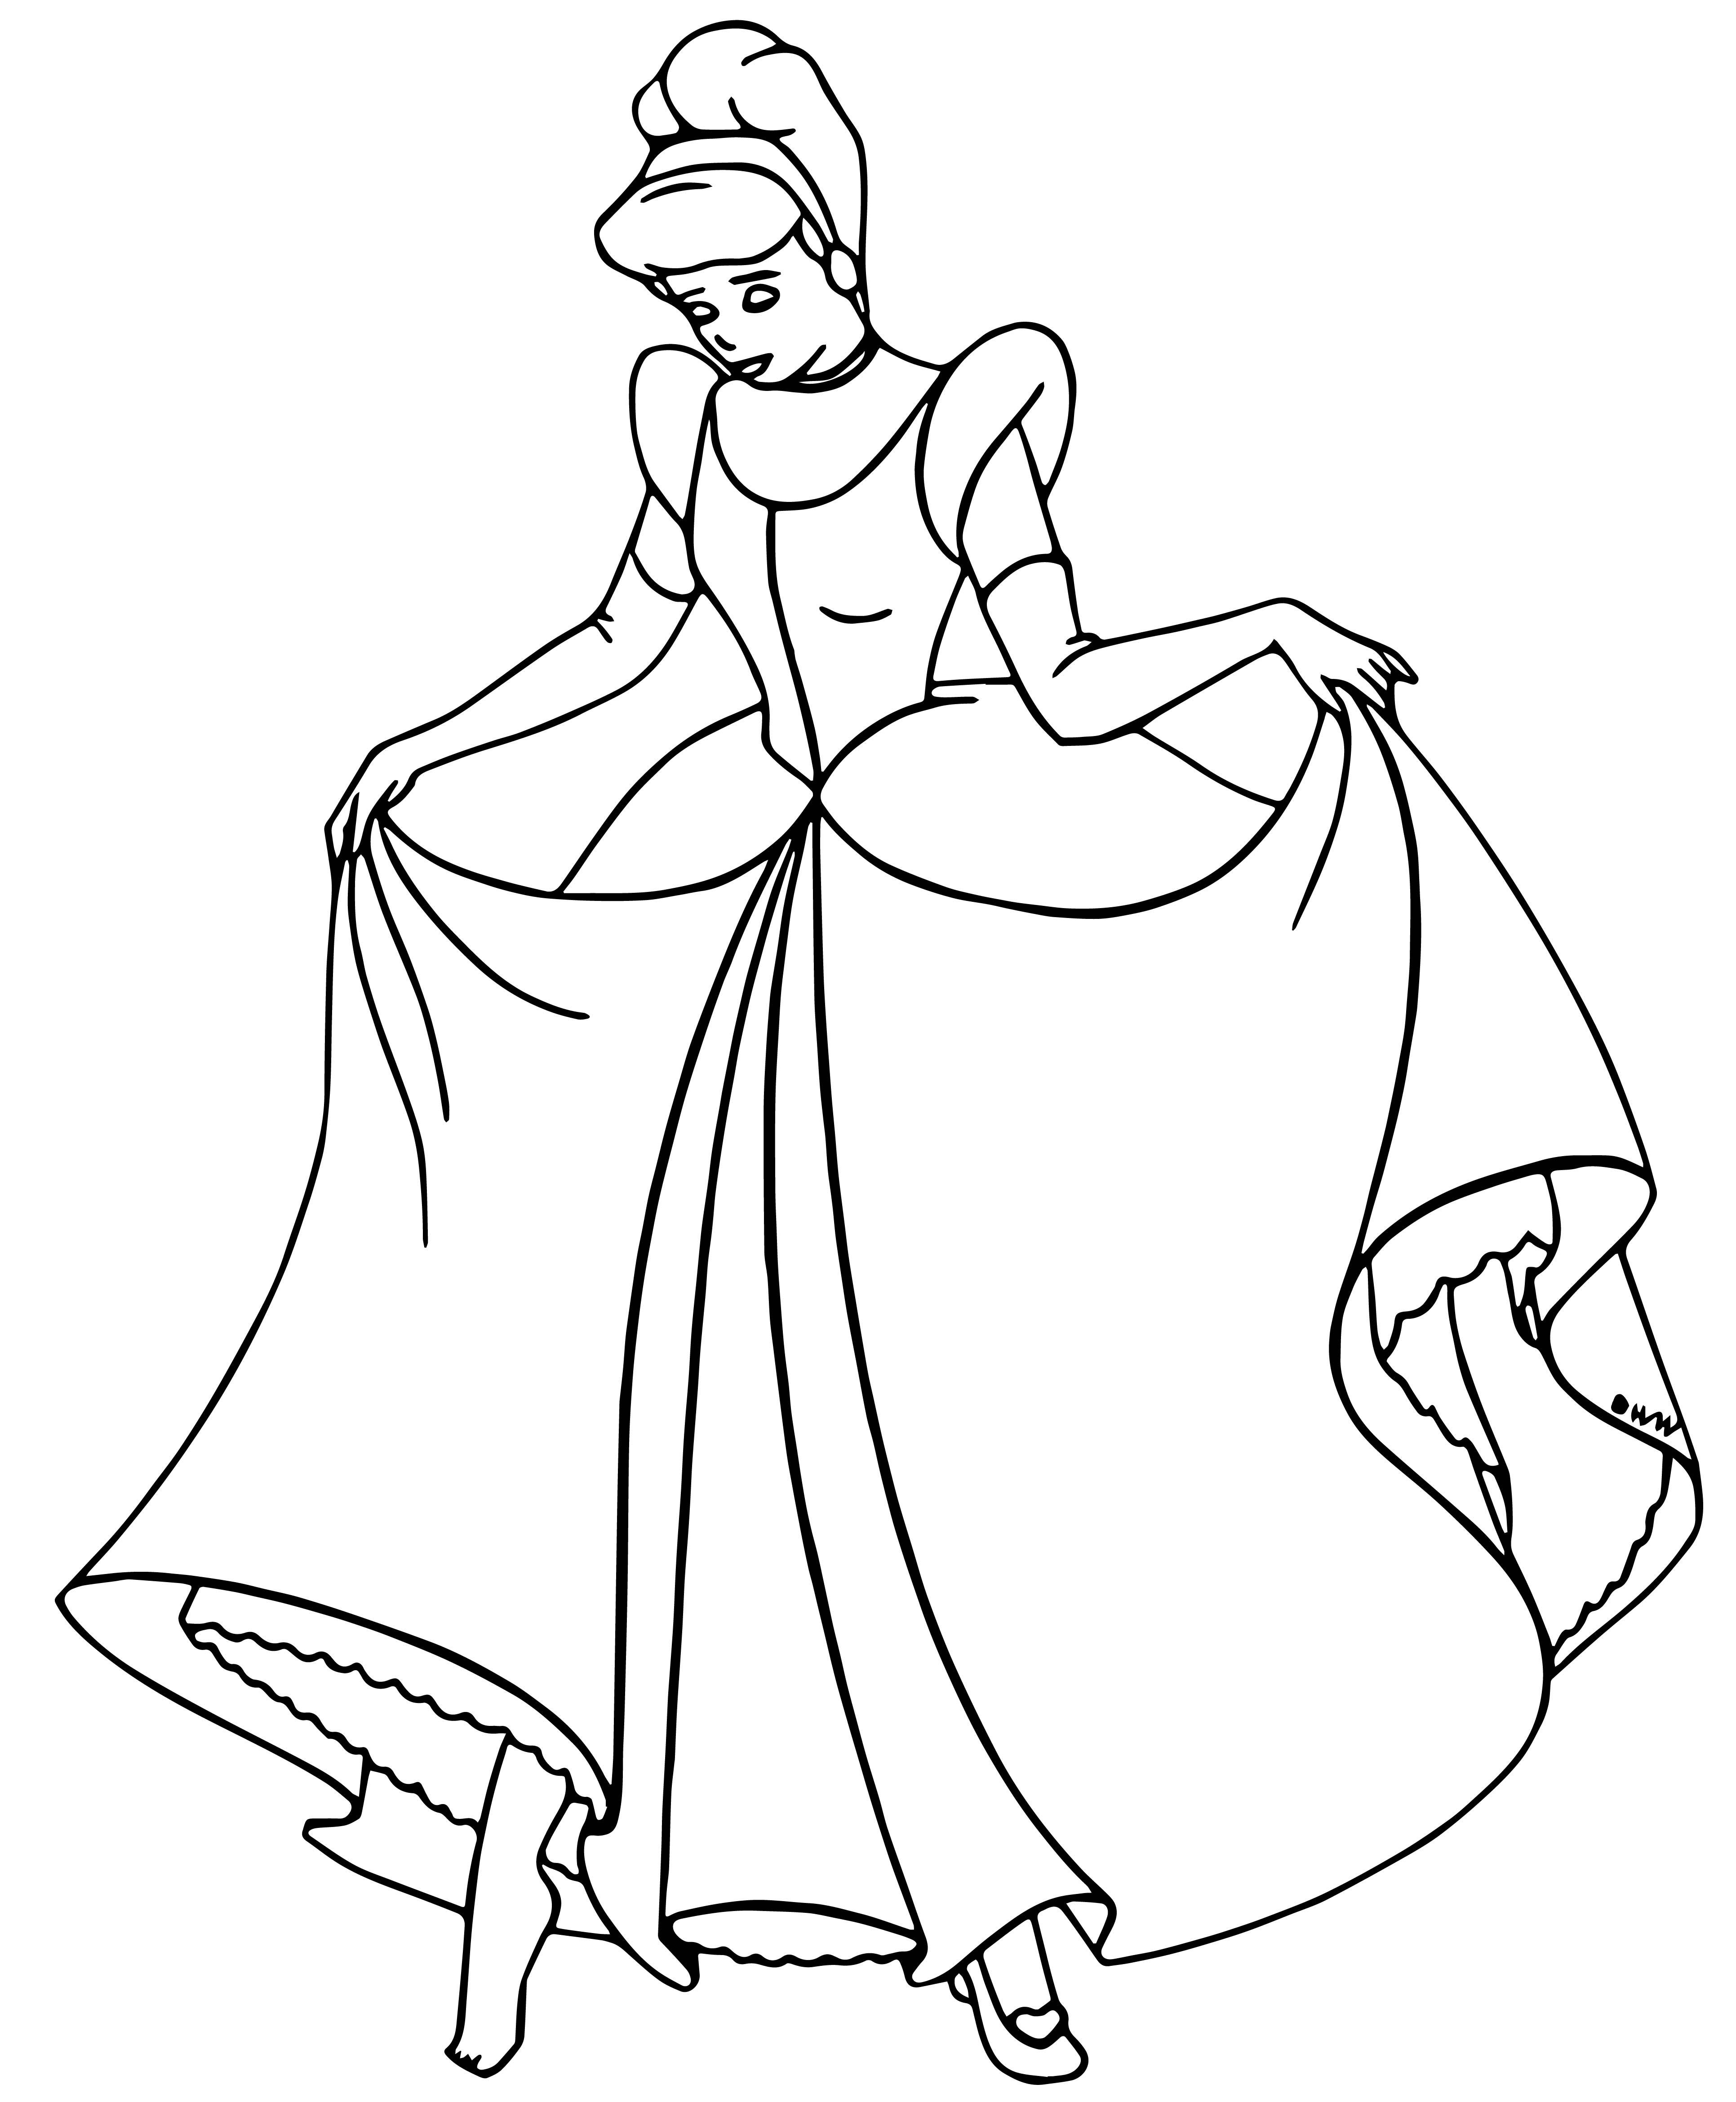 Cinderella Coloring Pages 115 Wecoloringpage Com